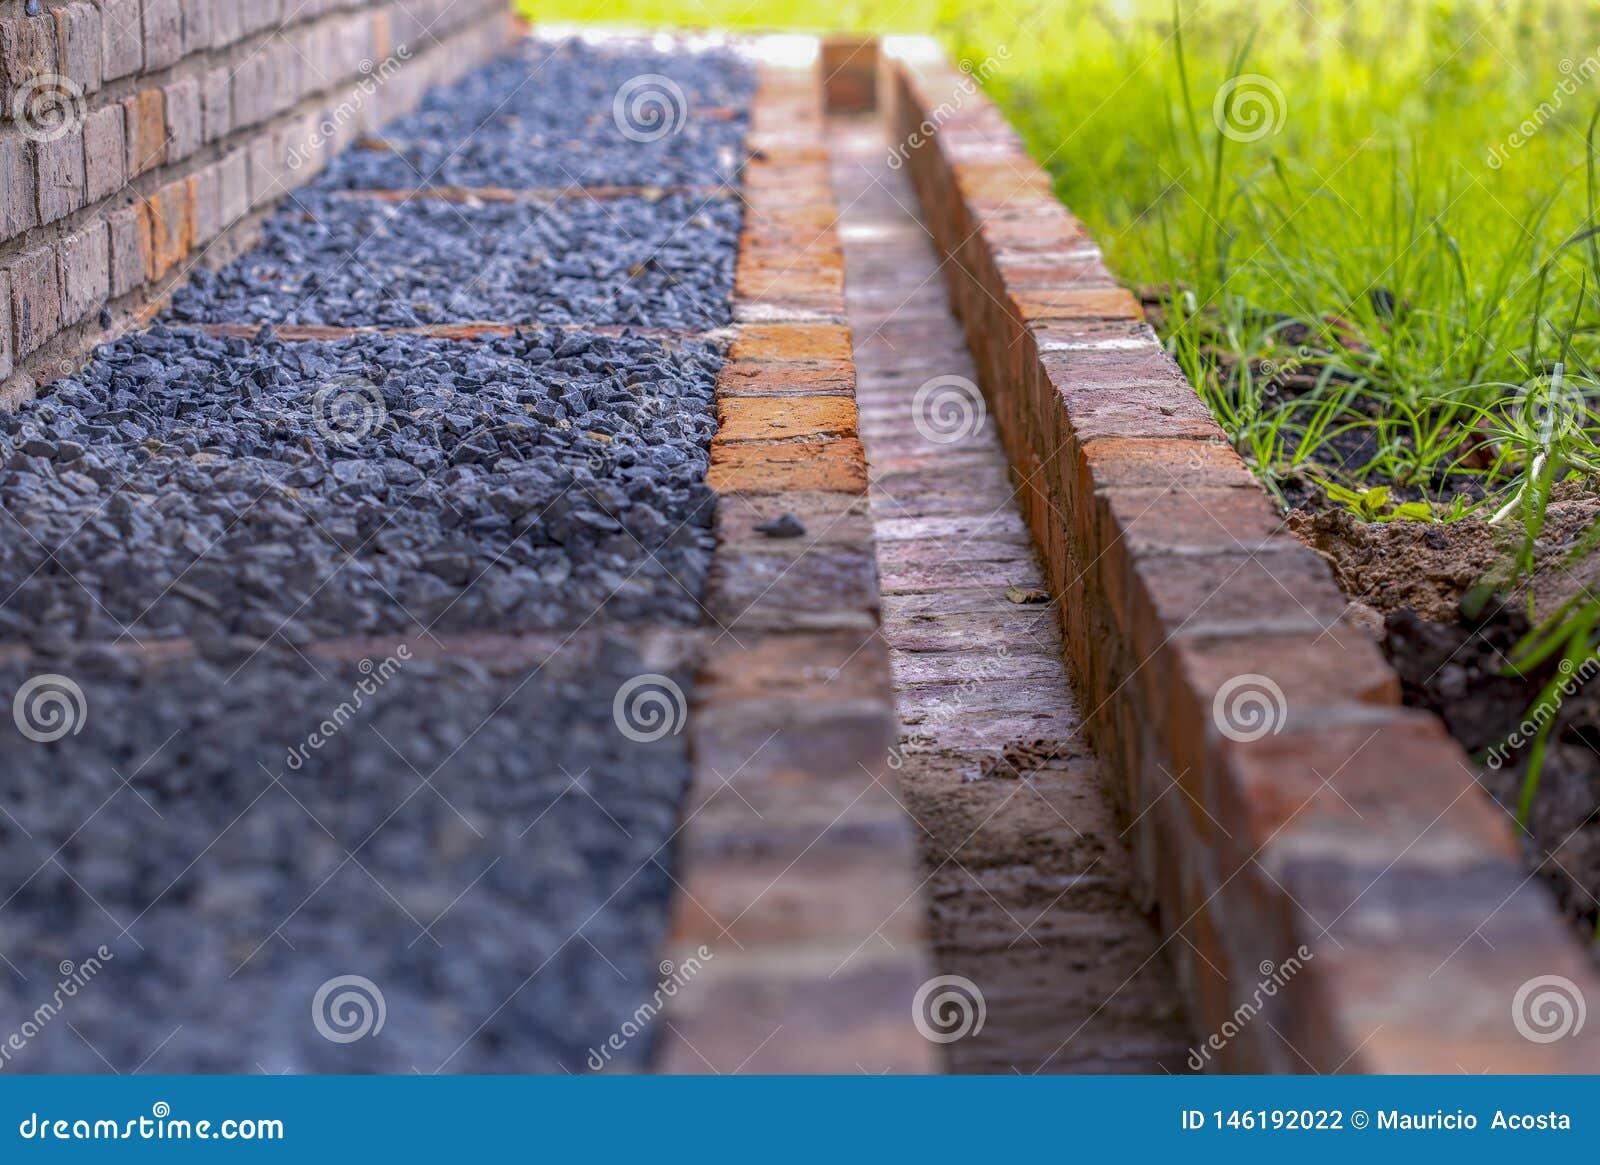 Gravier Autour De La Maison une partie d'un système de drain autour d'une maison de